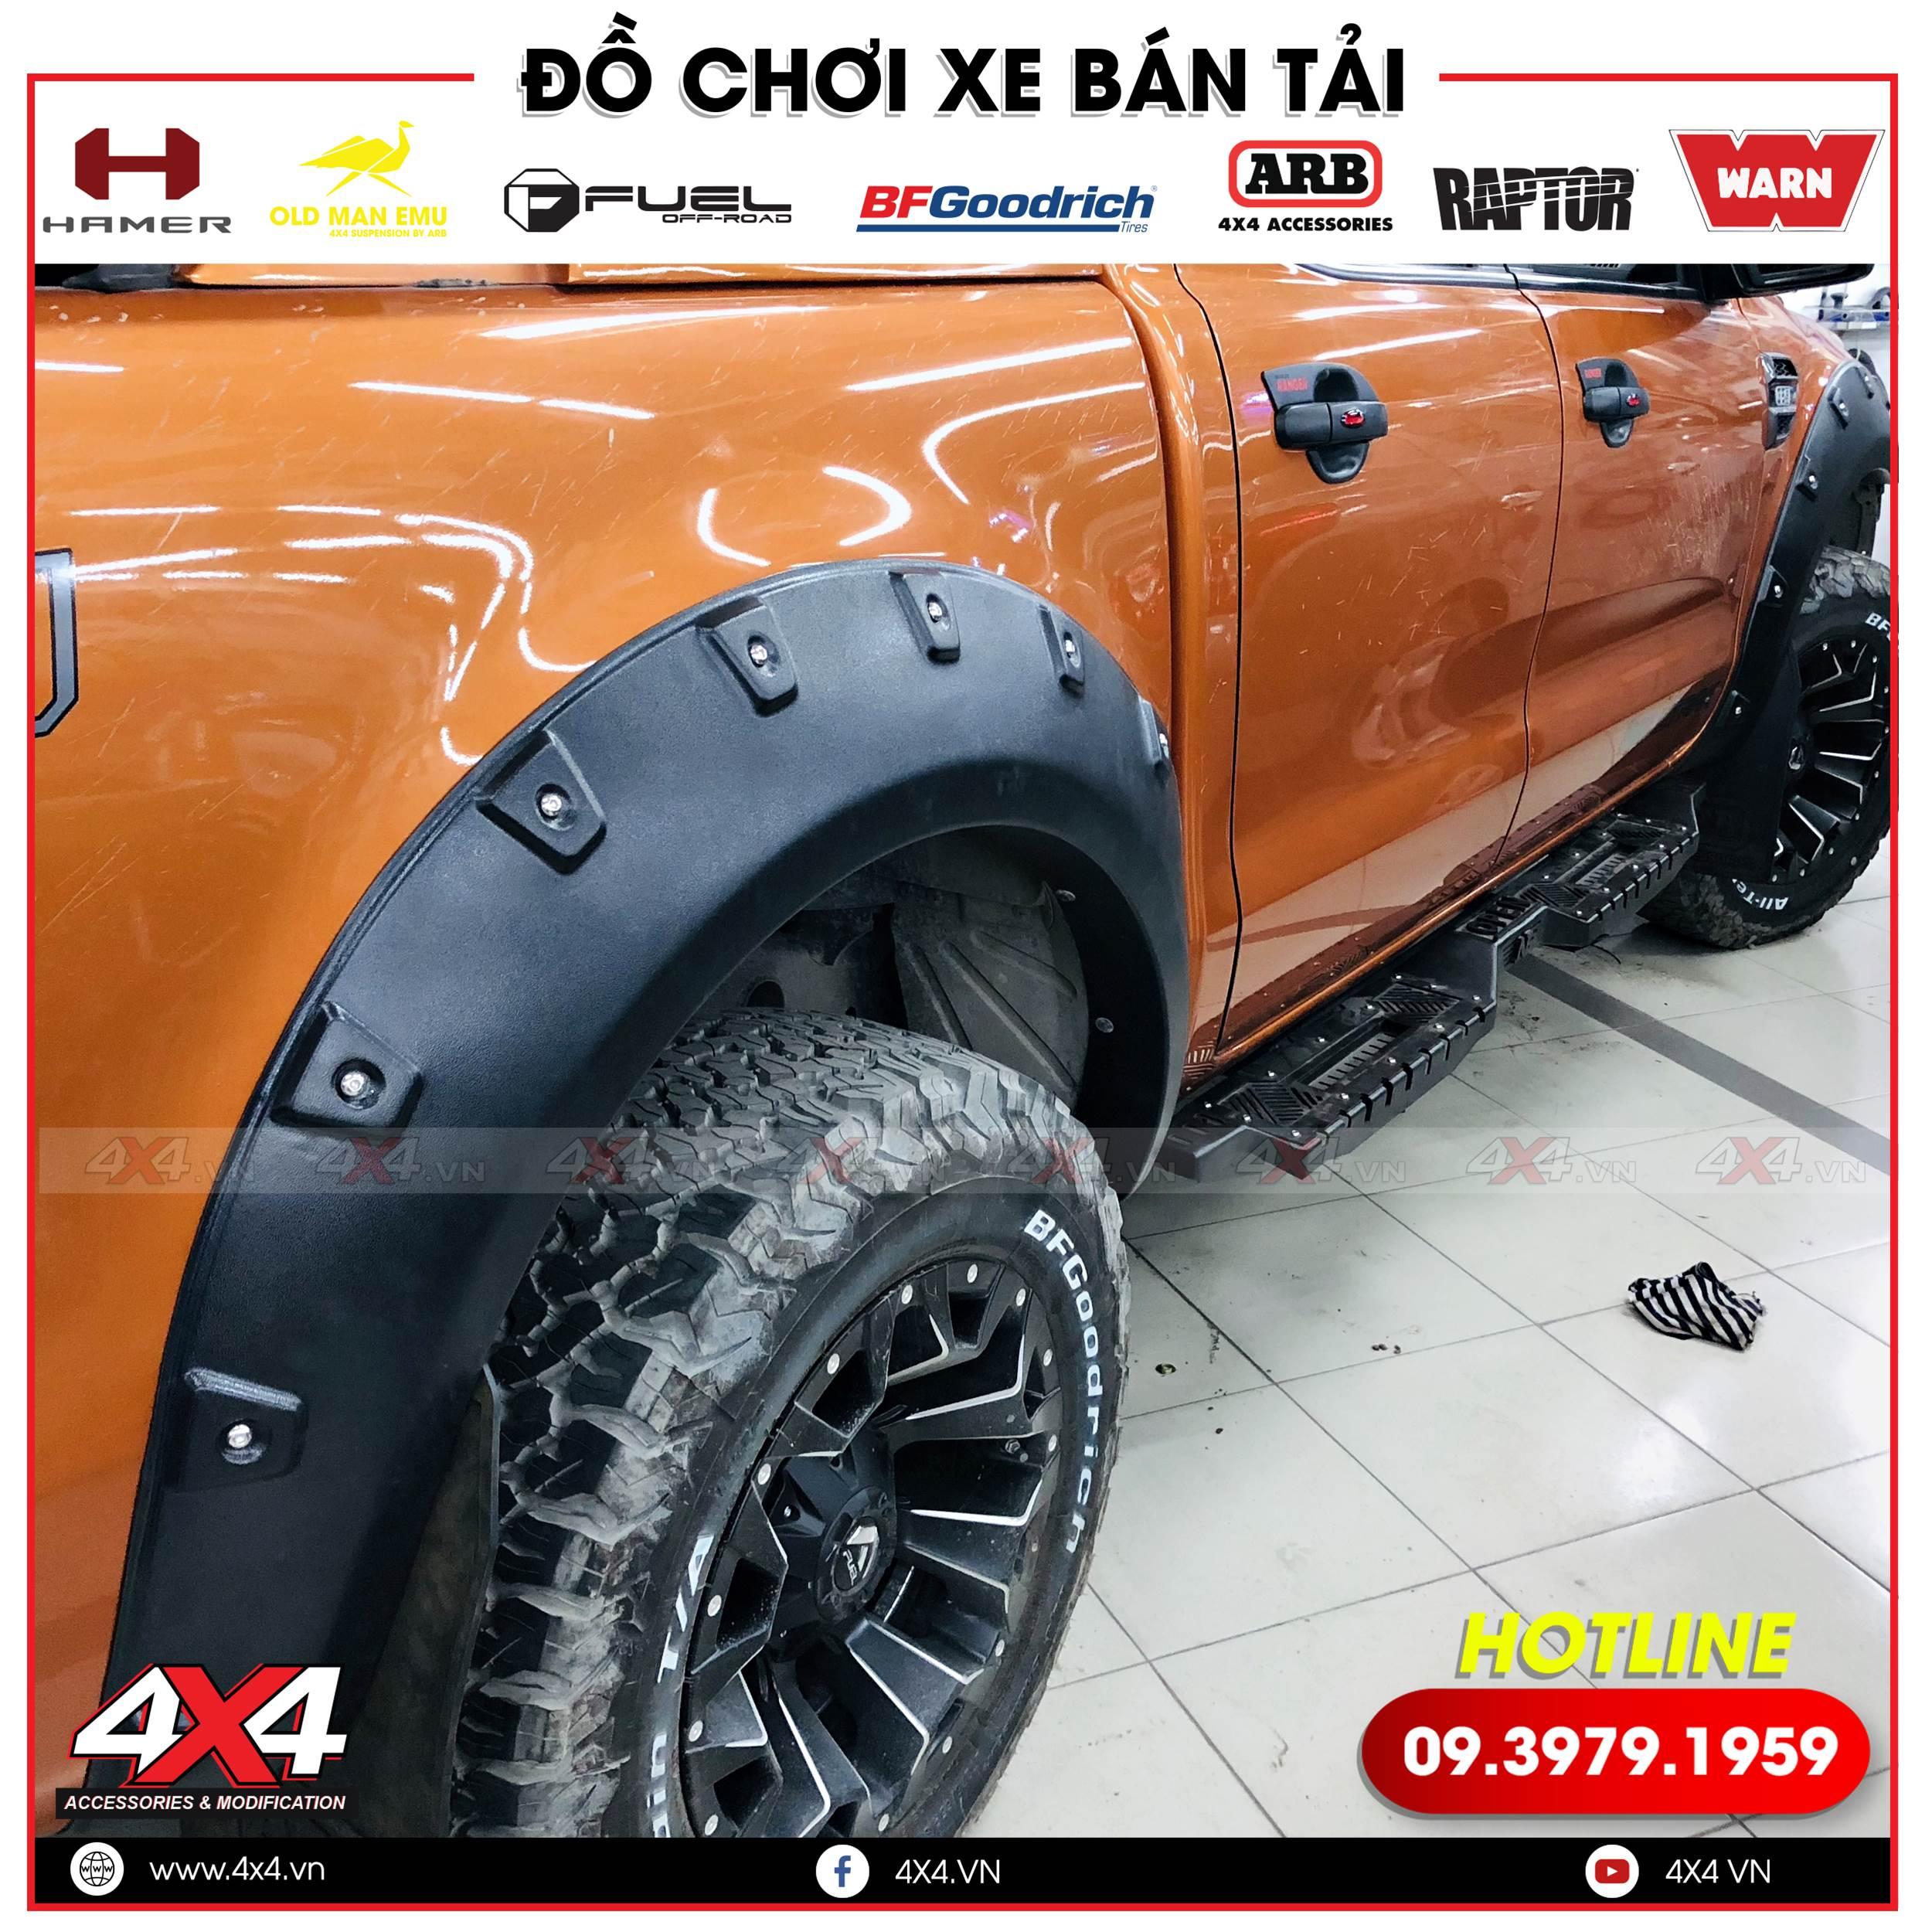 Xe bán tải Ford Ranger độ ốp cua đinh lồi giúp xe cứng cáp và hầm hố hơn